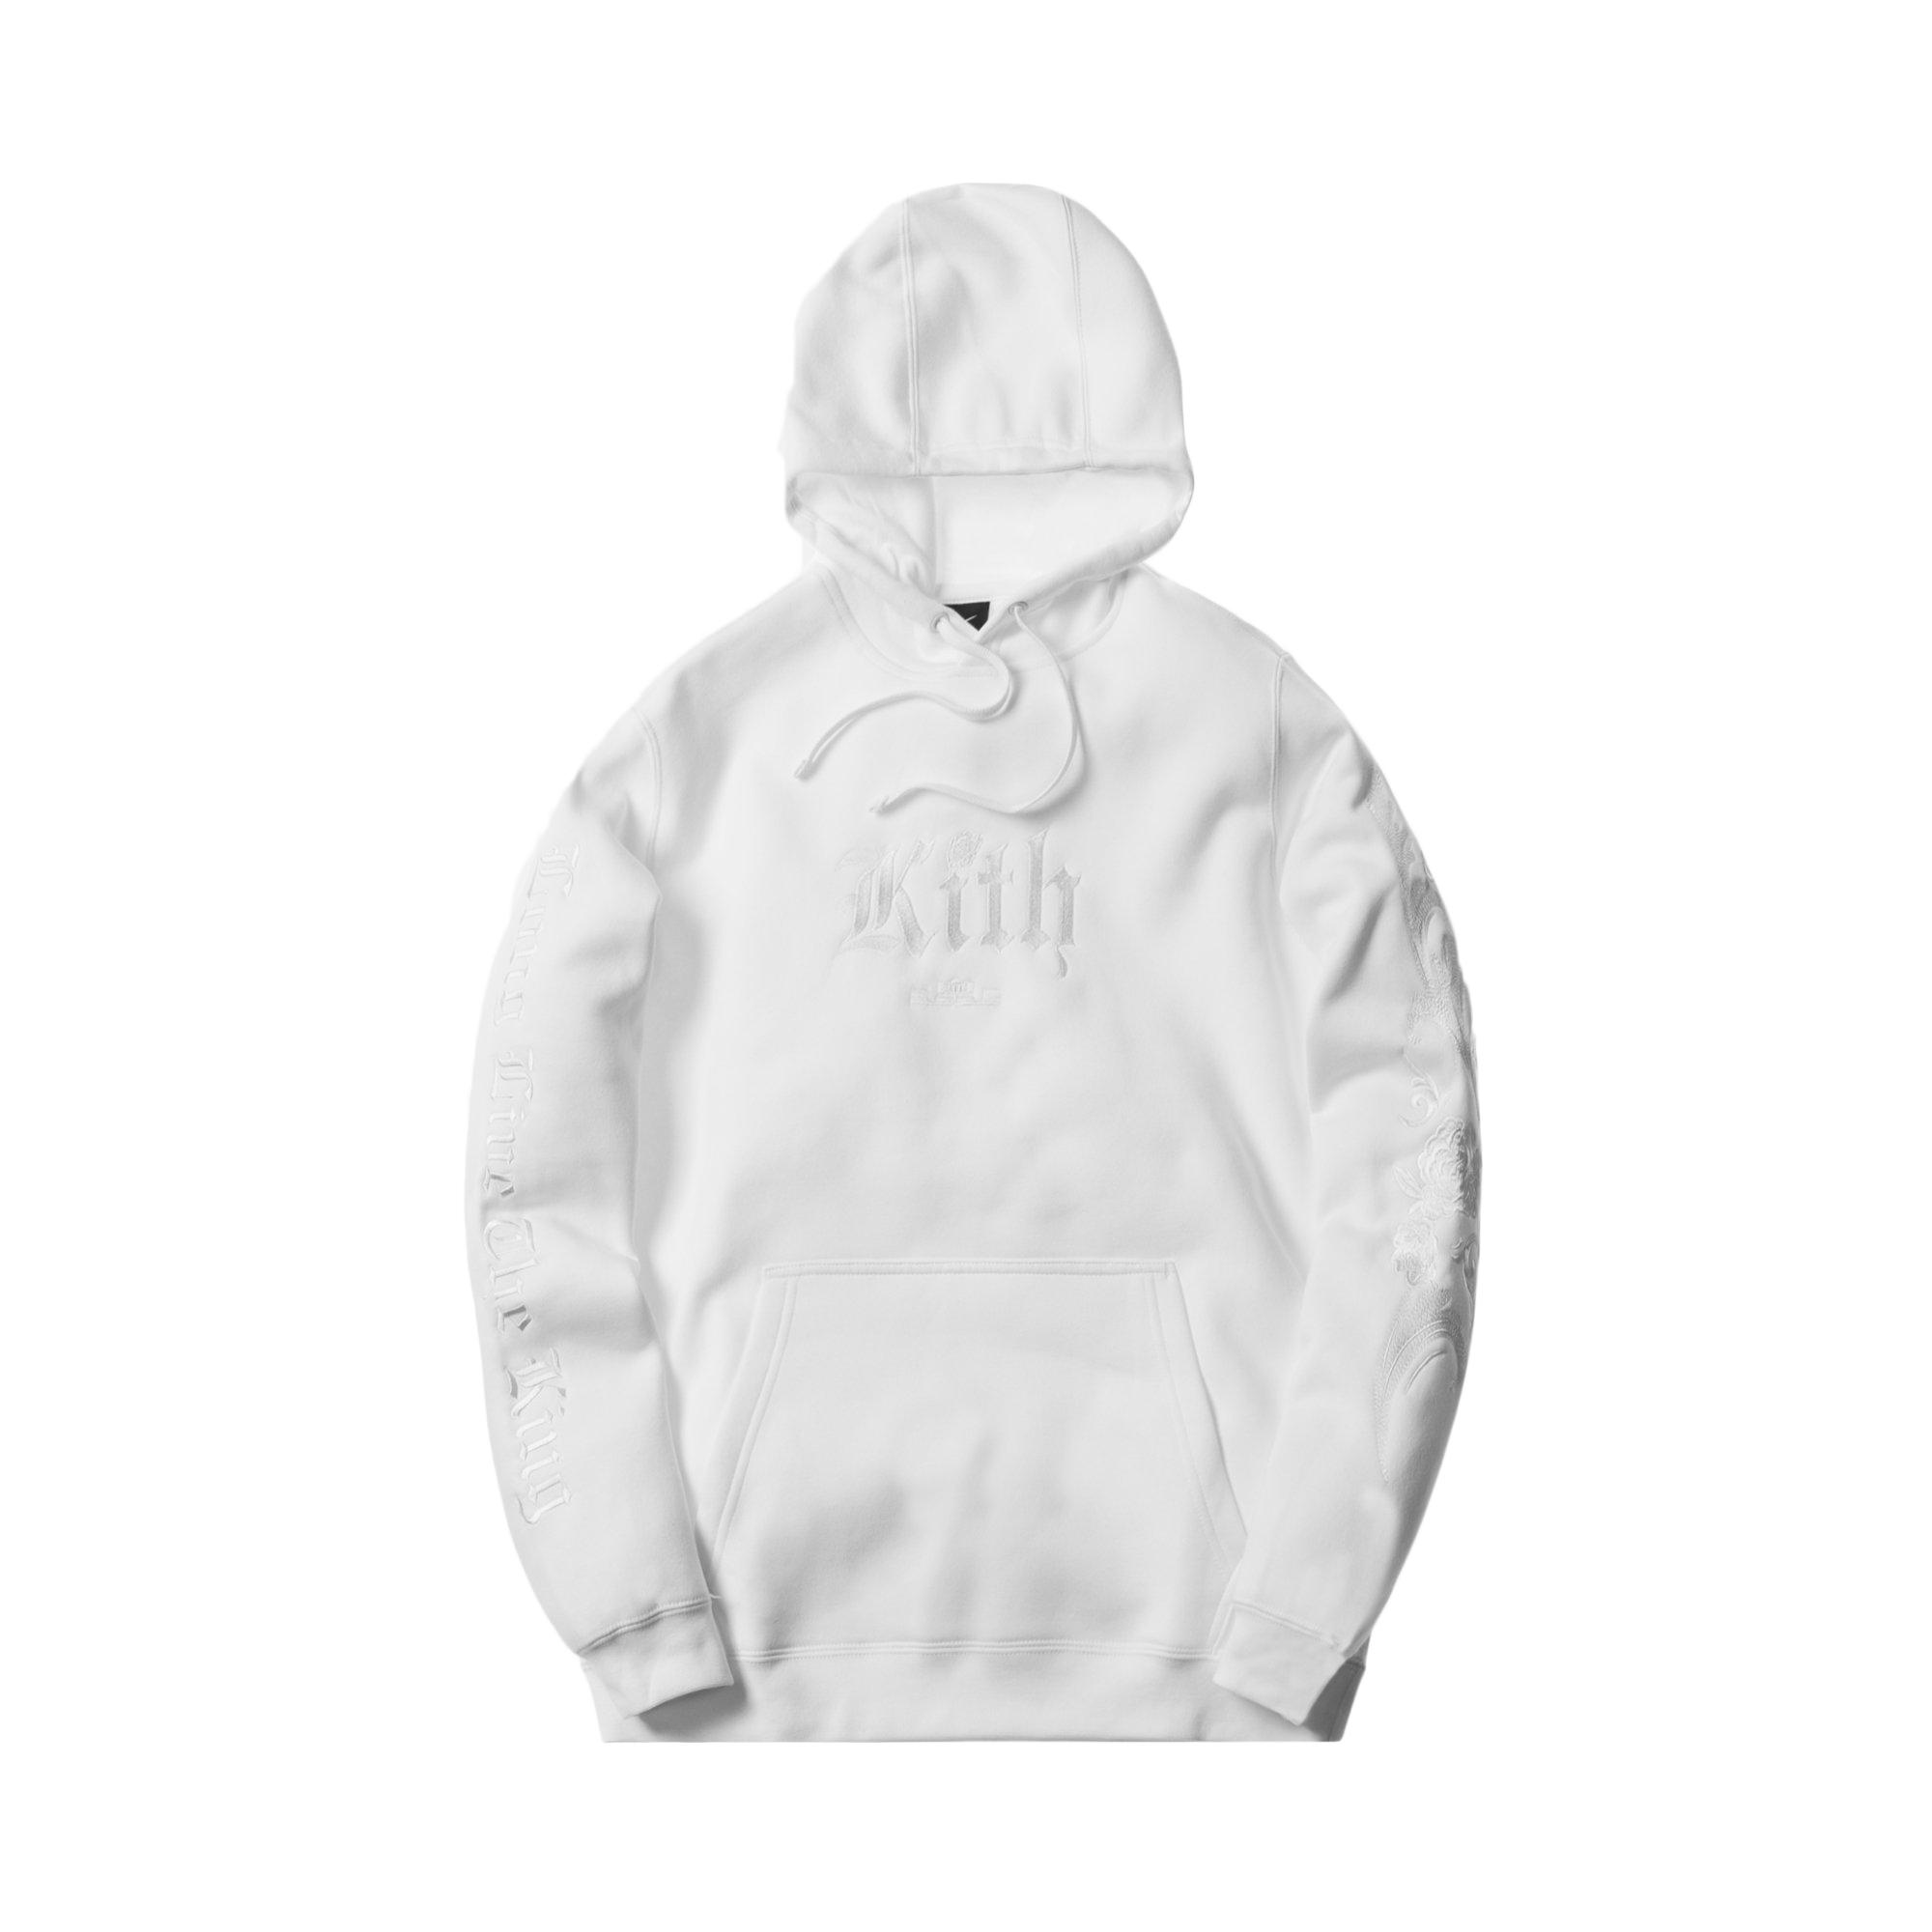 Kith Nike LeBron Cloak Hoodie Triple